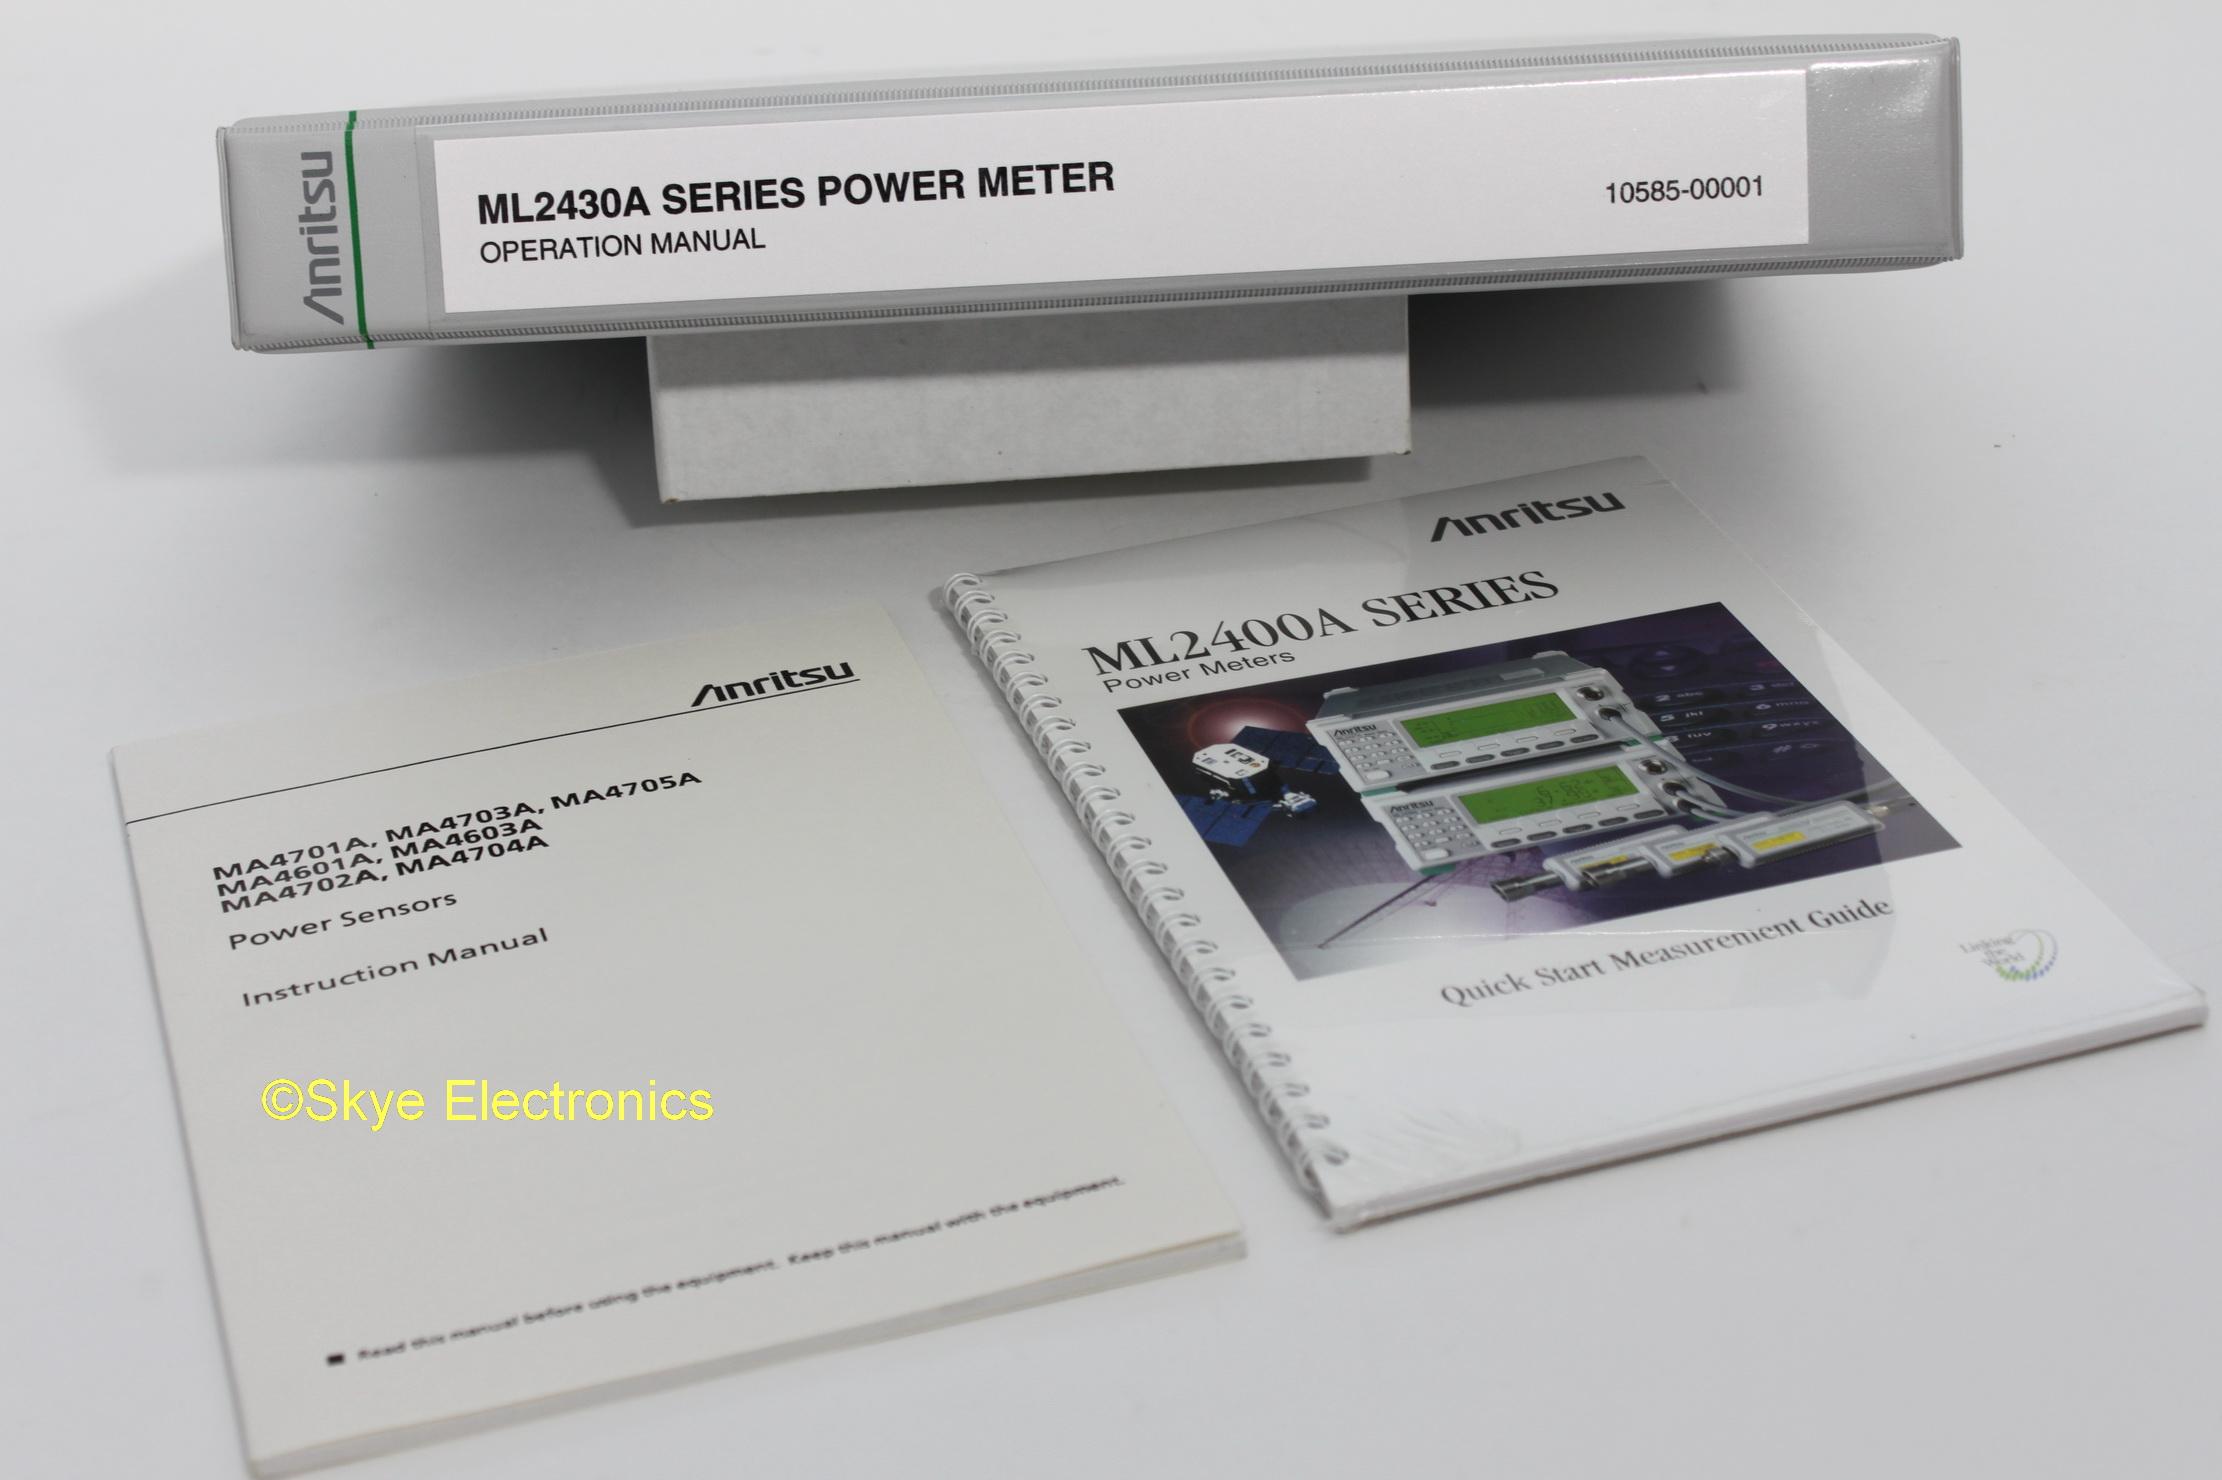 Anritsu ML2430A Skye Electronics